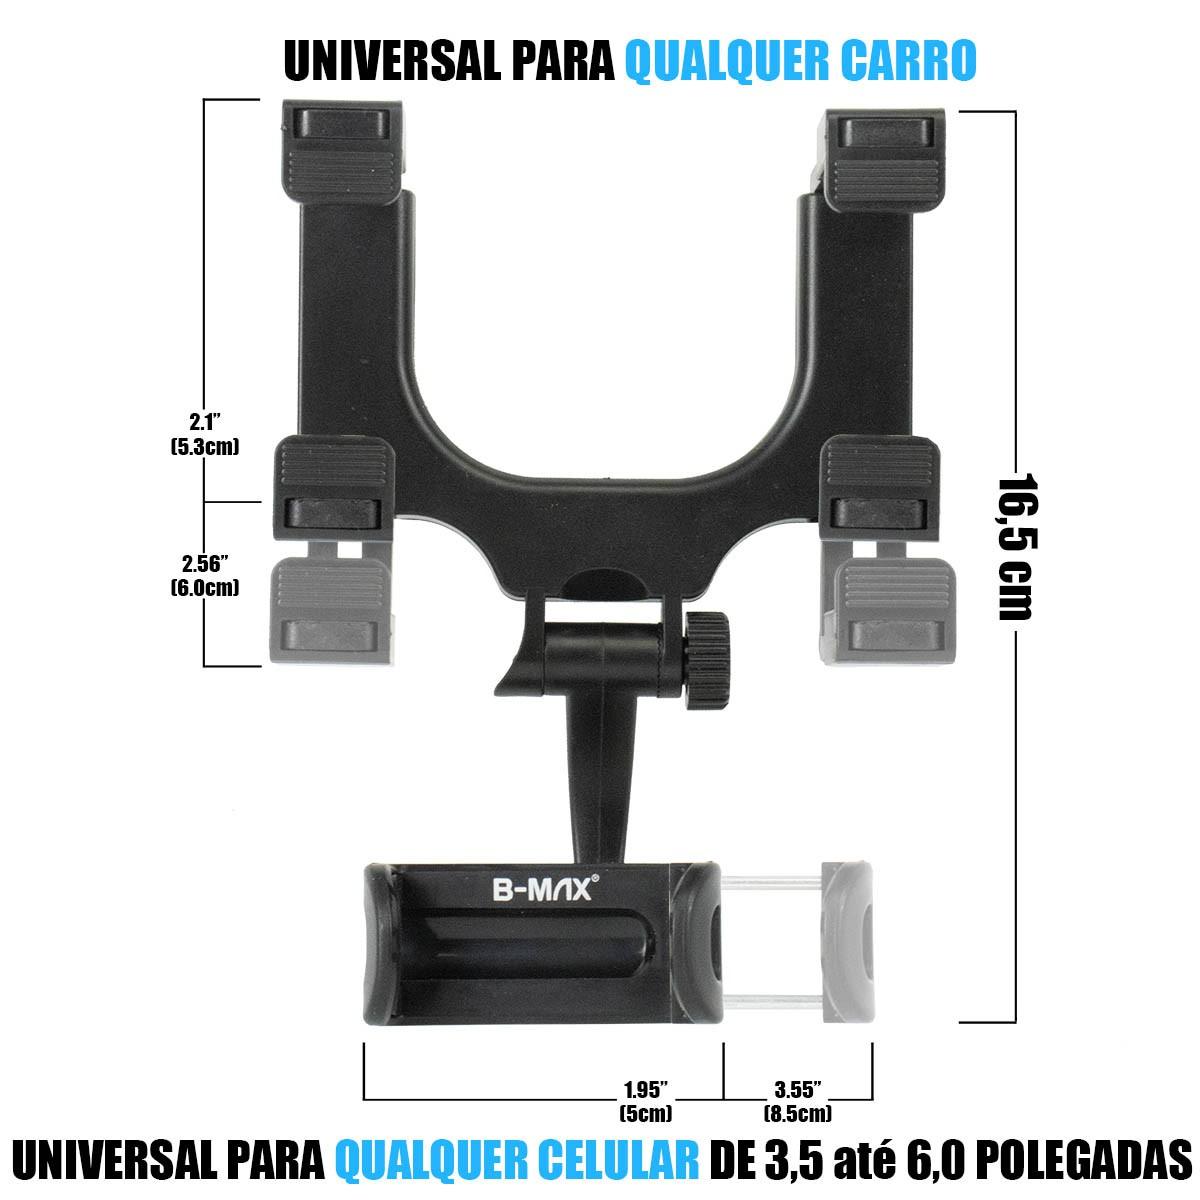 KIT Suporte Celular Veicular de Retrovisor BMG-21 + Carregador Veicular Turbo 36W B-Max